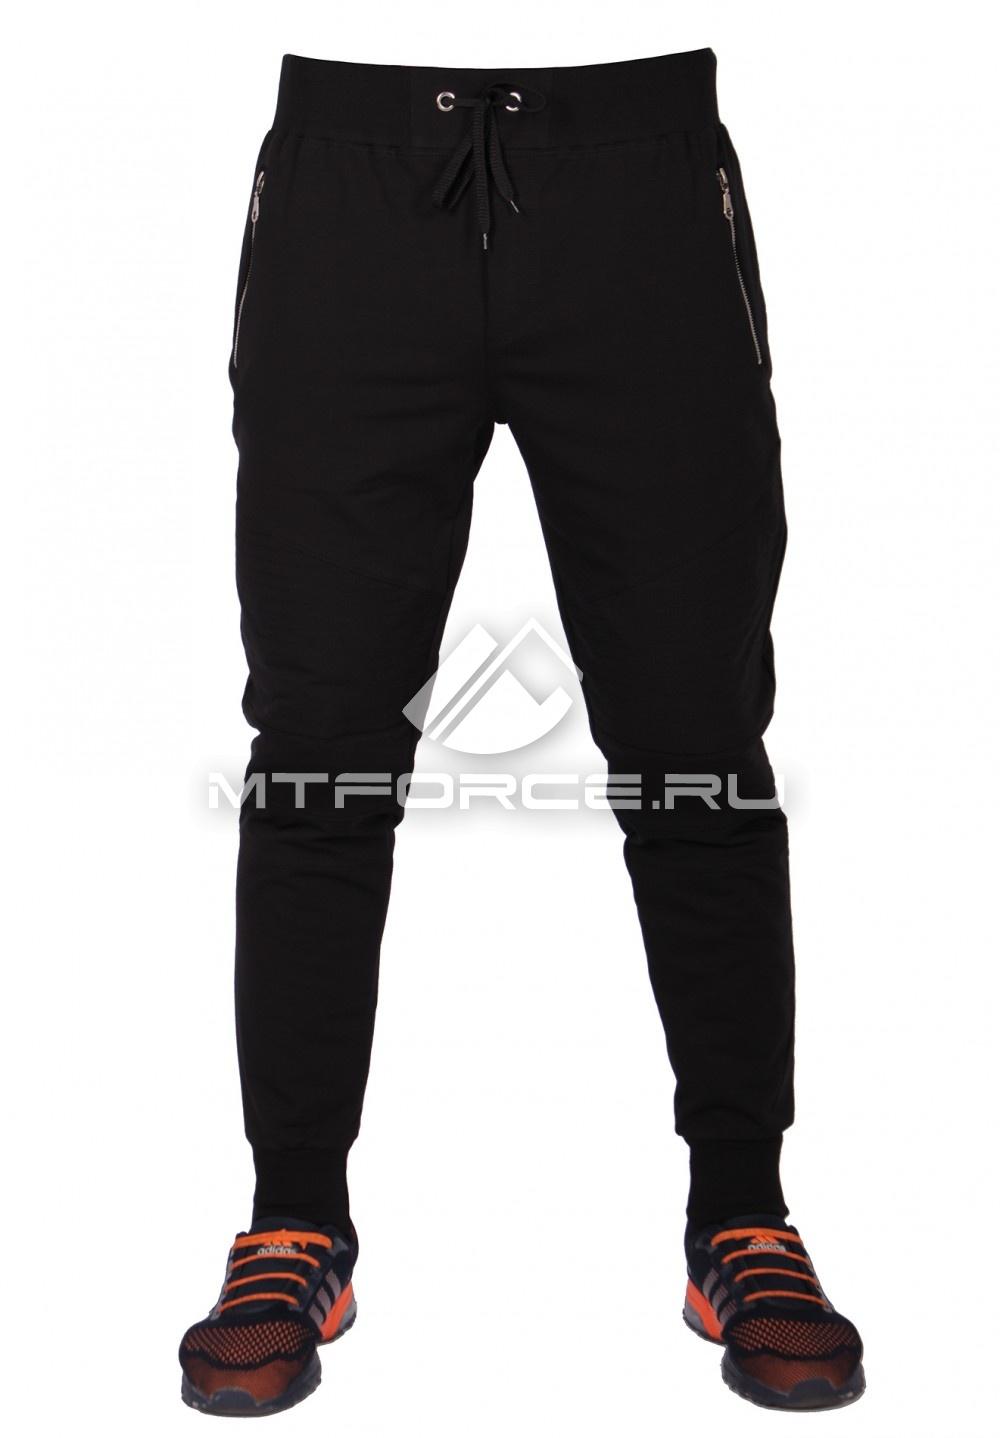 Купить                                  оптом Брюки трикотажные мужские модные черного цвета 313Ch в Санкт-Петербурге